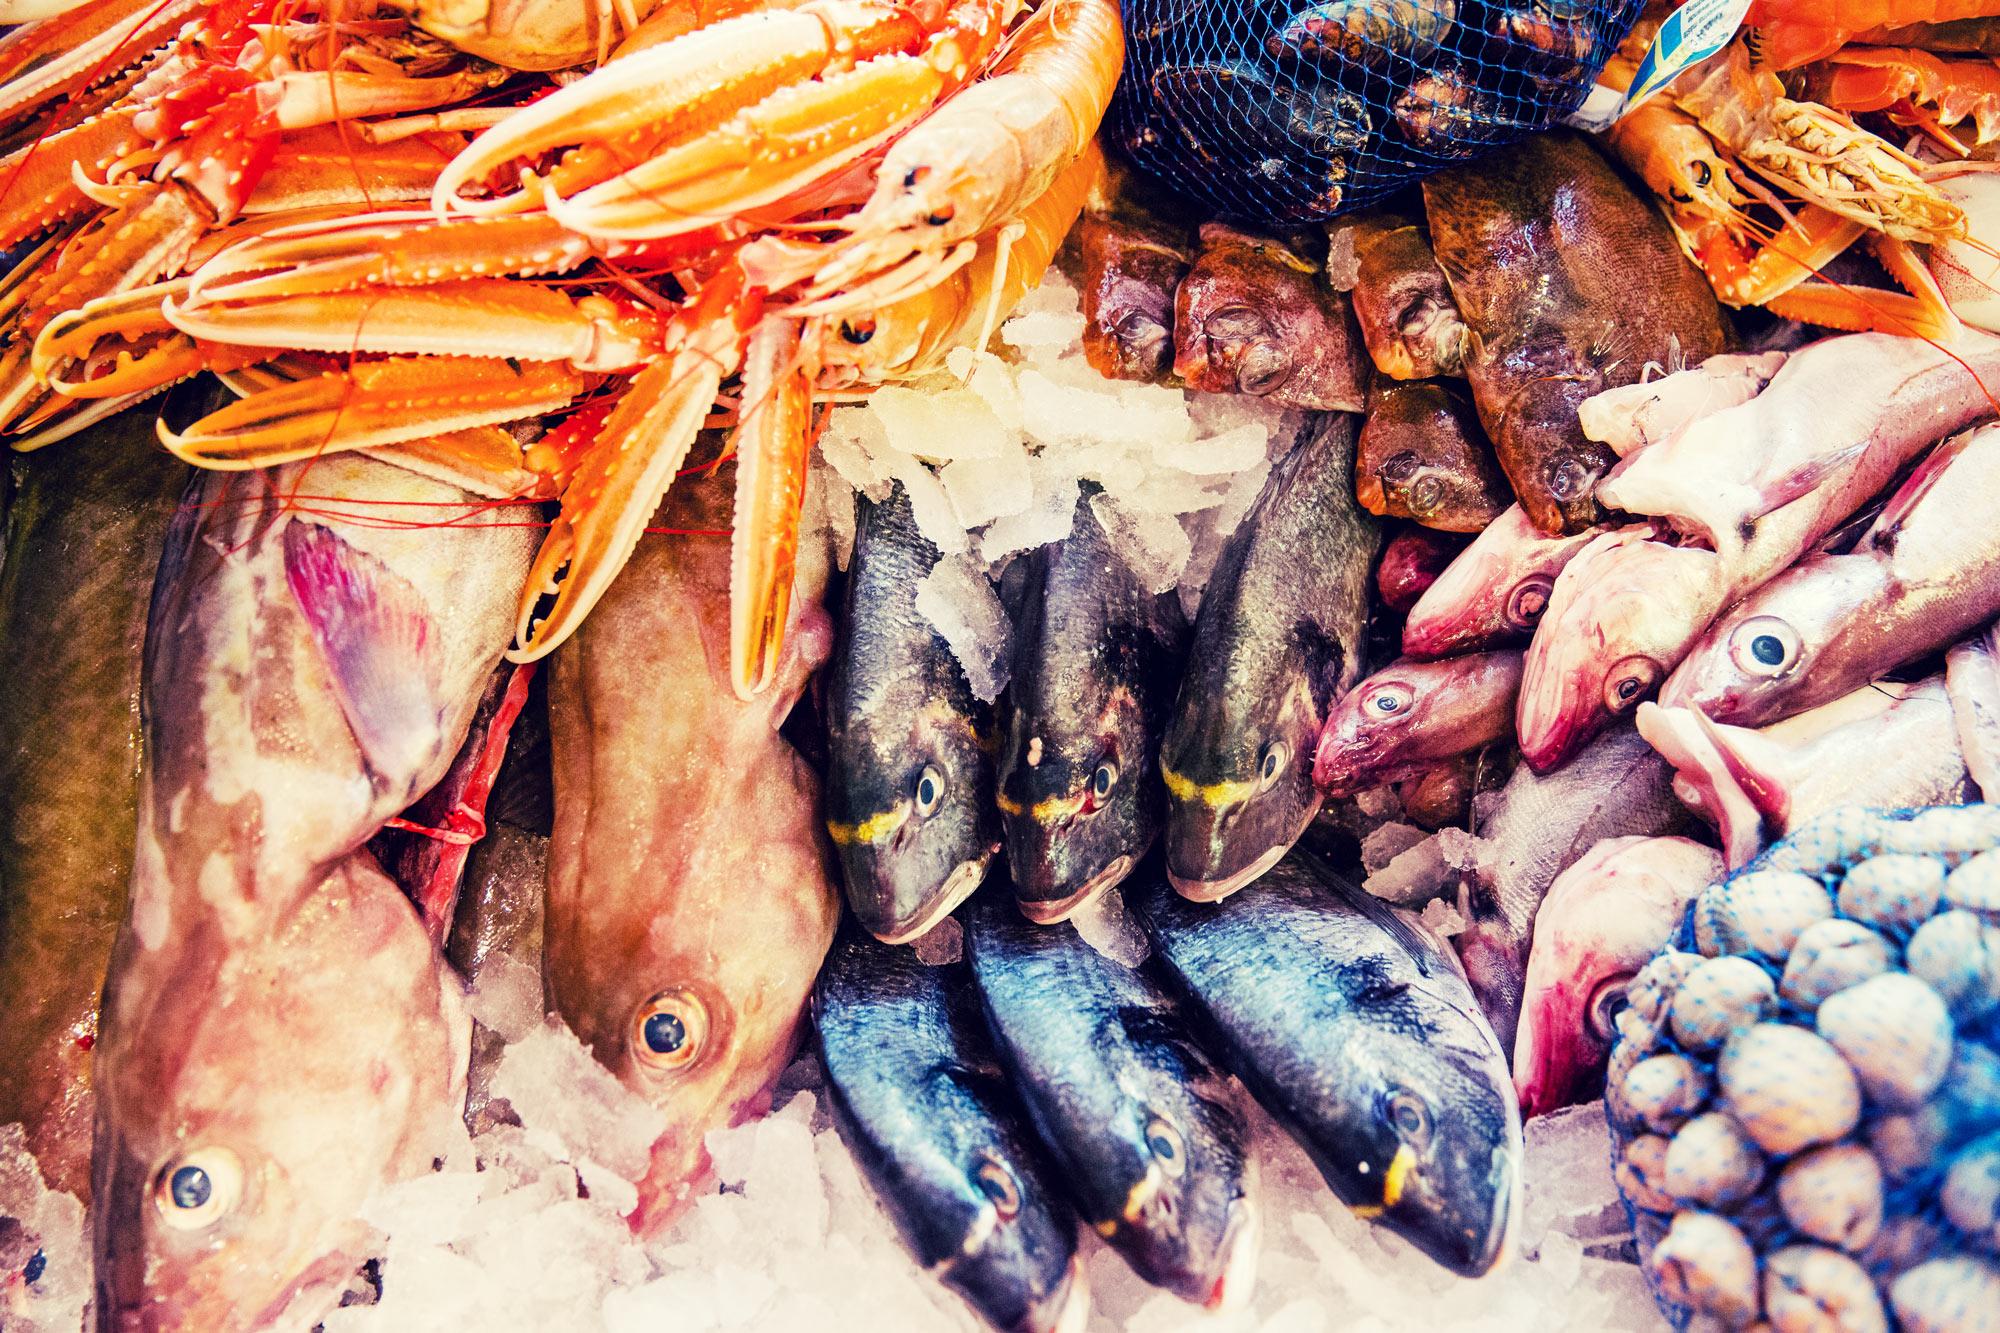 färsk fisk och skaldjur från havet